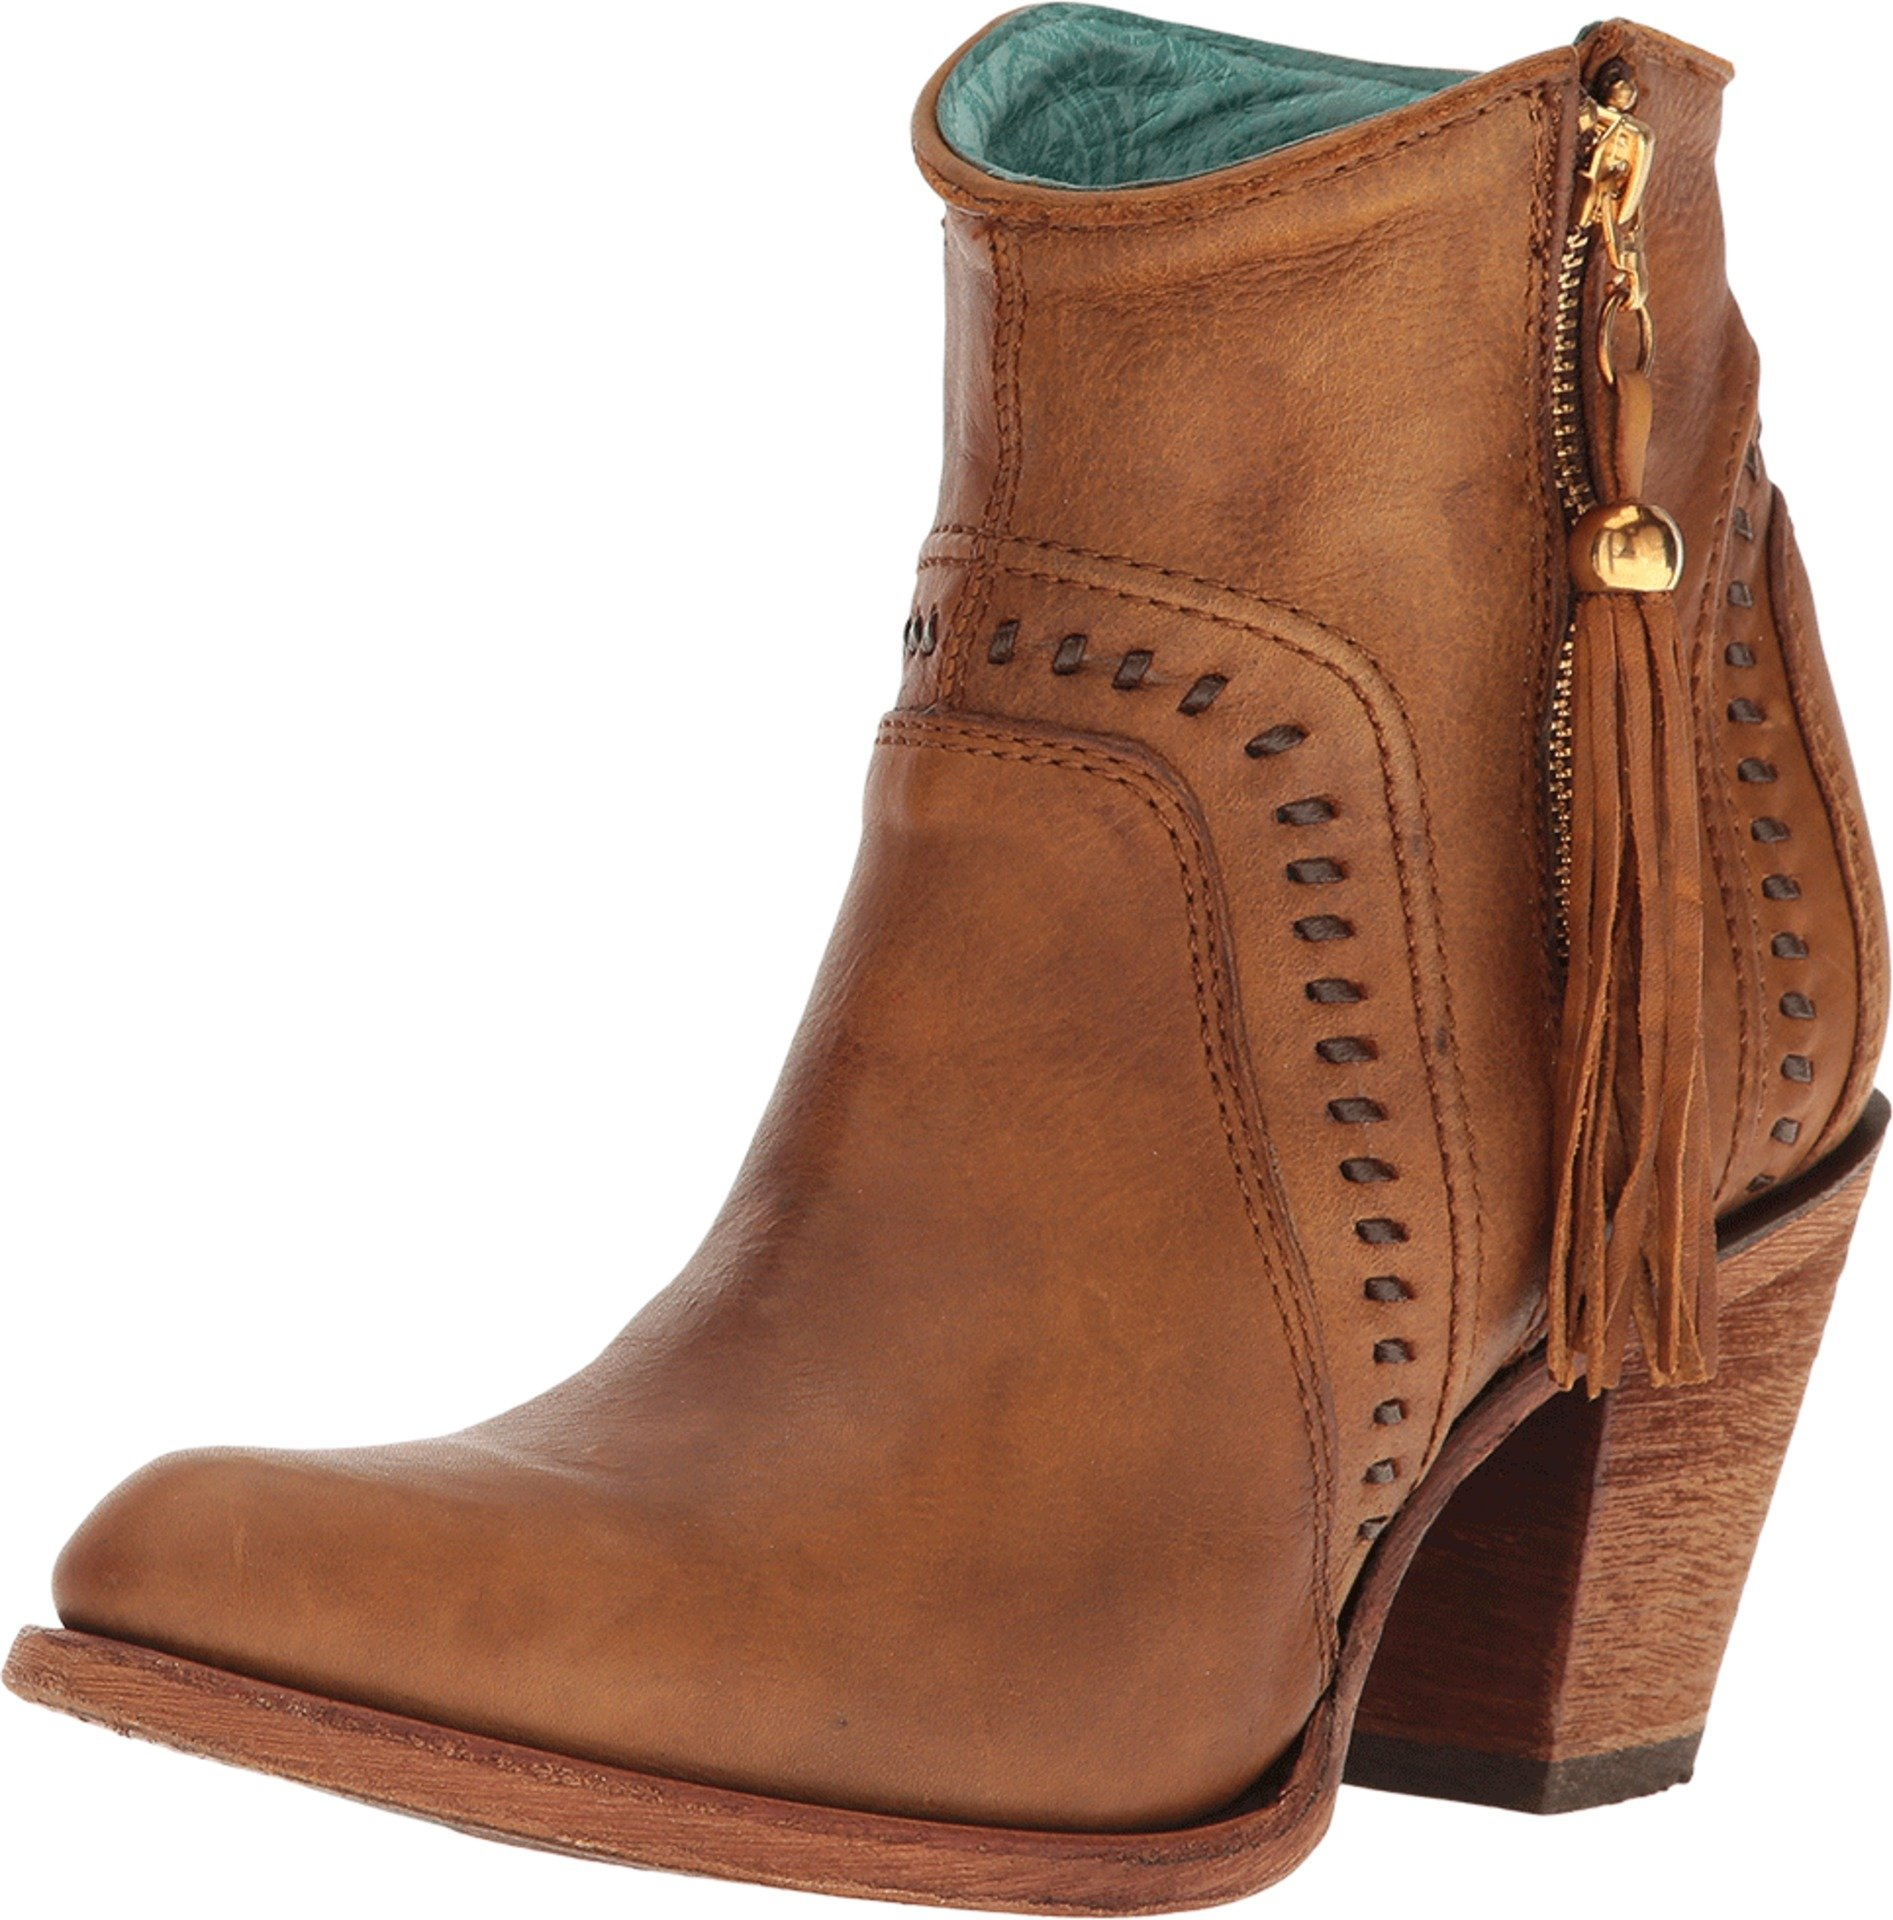 Corral Boots Women's C2905 Cognac Boot